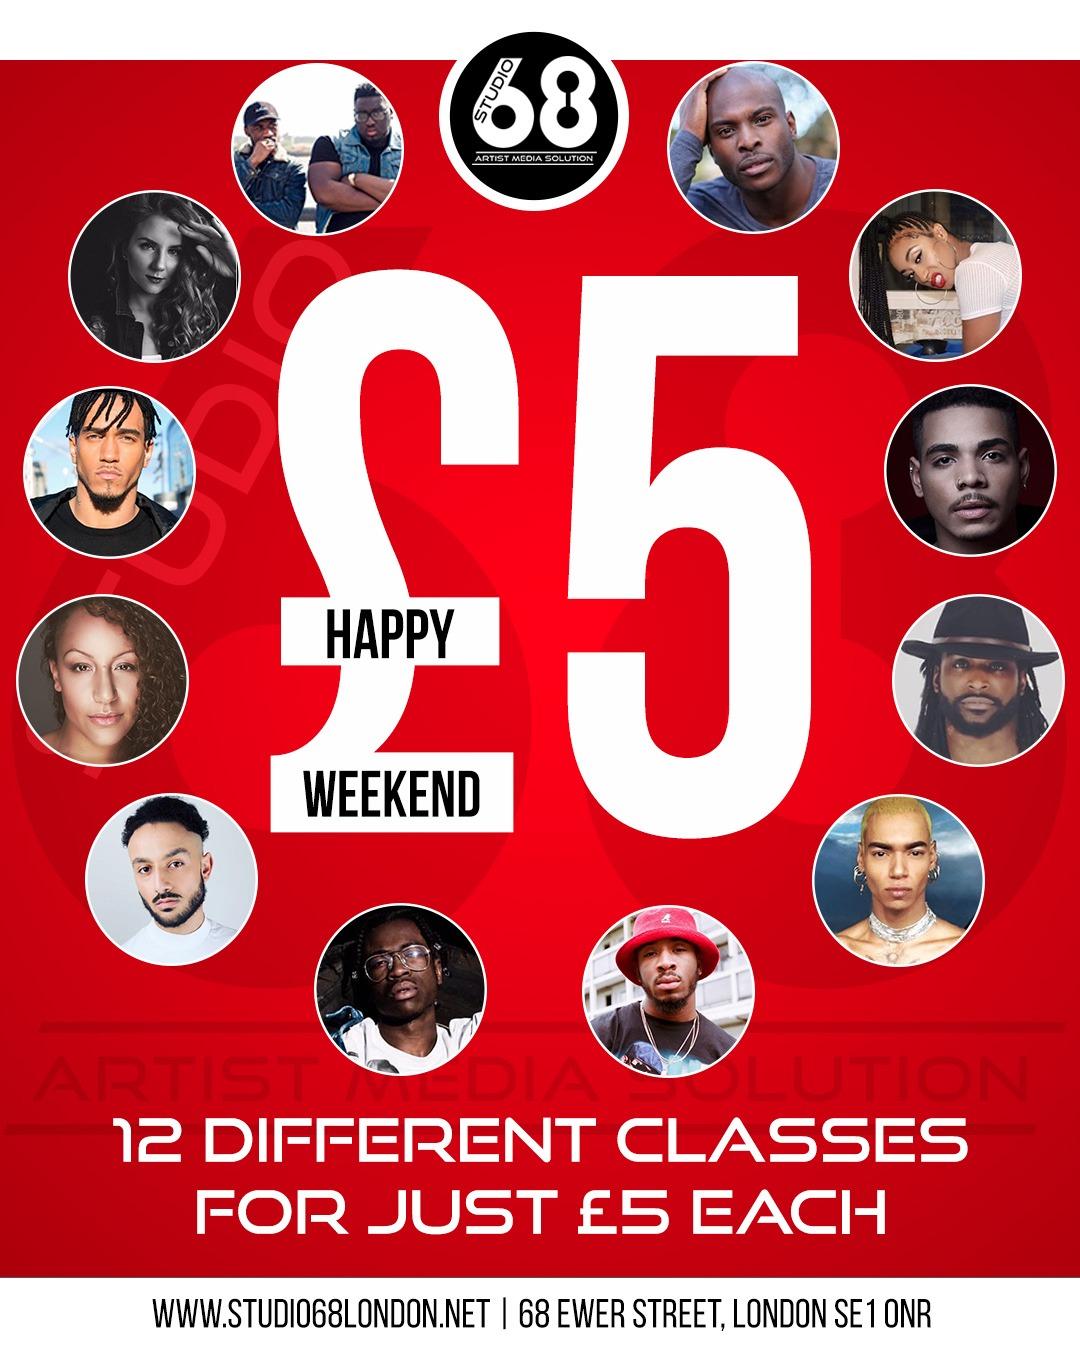 £5 Weekend Classes